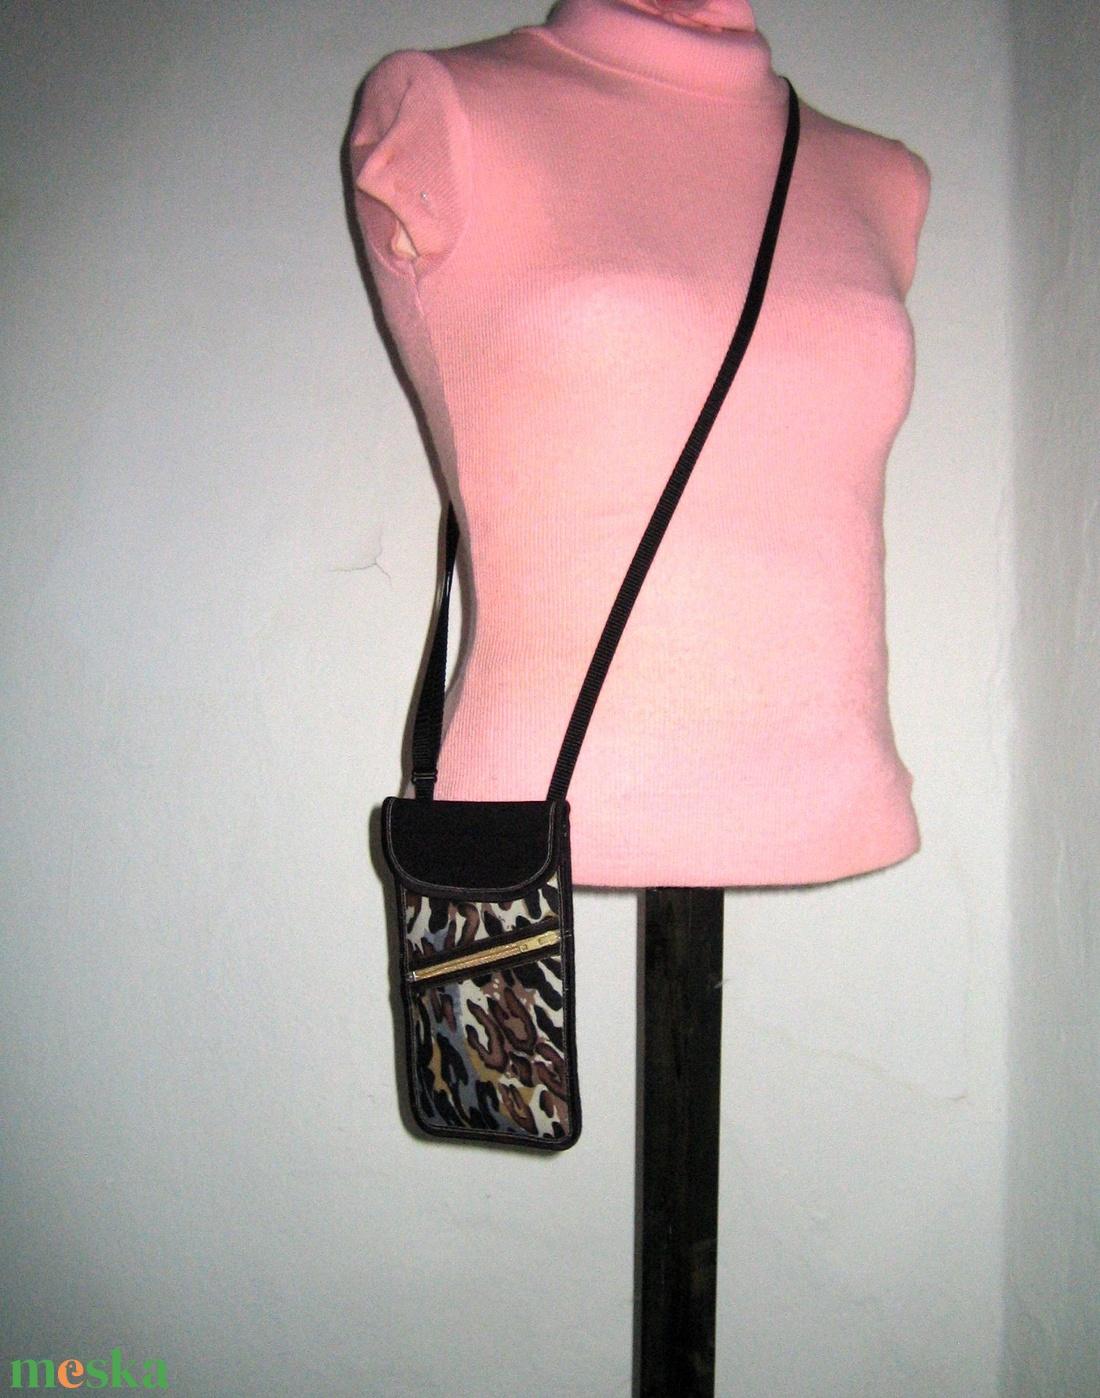 Telefontok elől cipzáros kis zsebbel Nyakba akasztható elegáns kistáska  Párducos barna-fekete-bézs - táska & tok - pénztárca & más tok - telefontok - Meska.hu